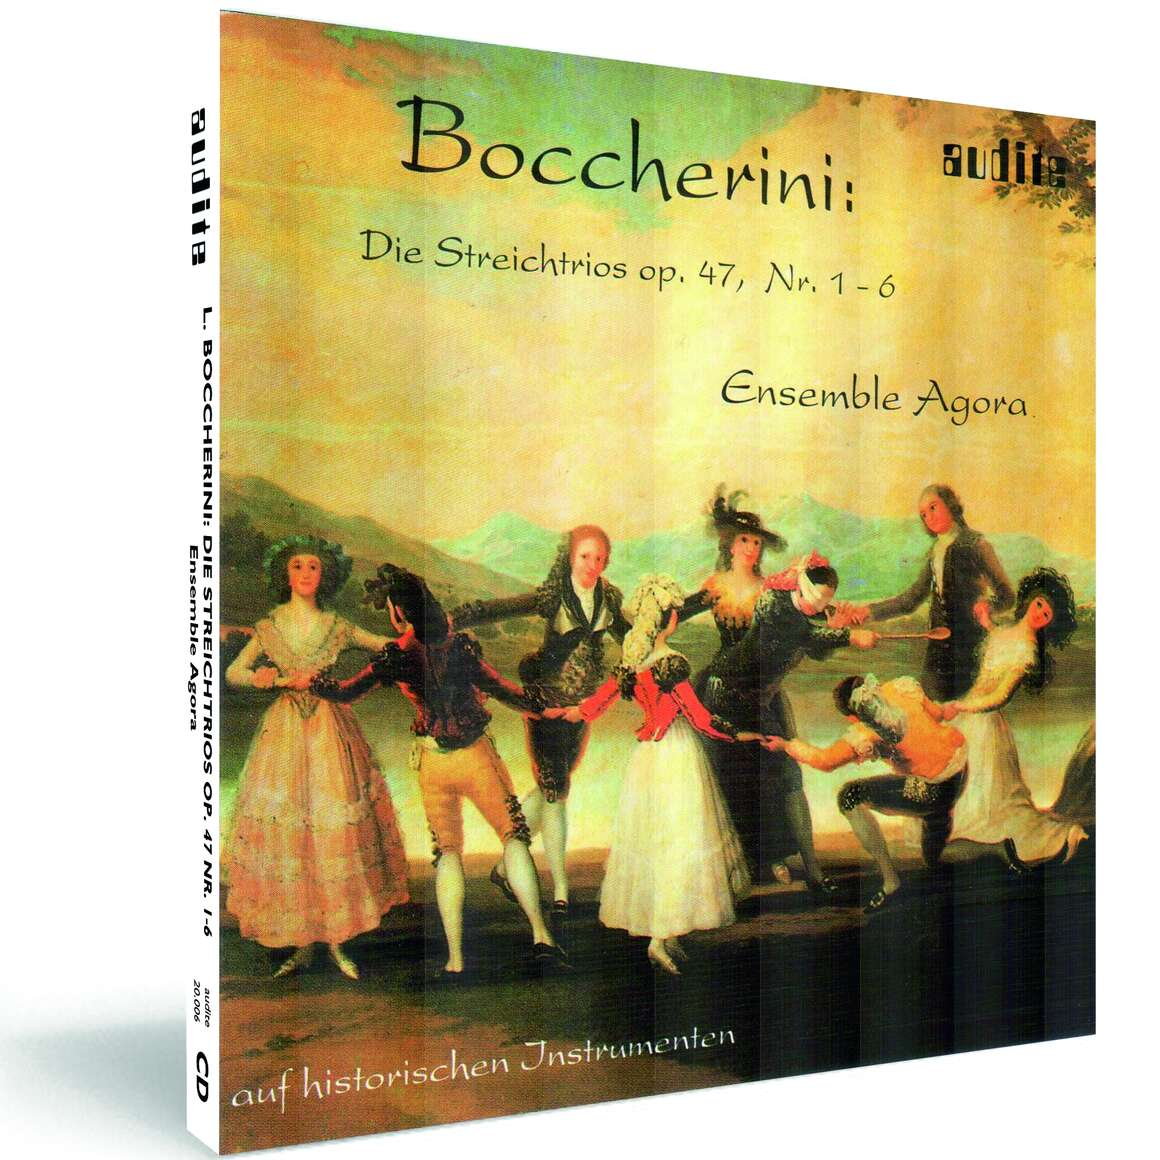 L. Boccherini: String Trios op. 47 Nos. 1-6